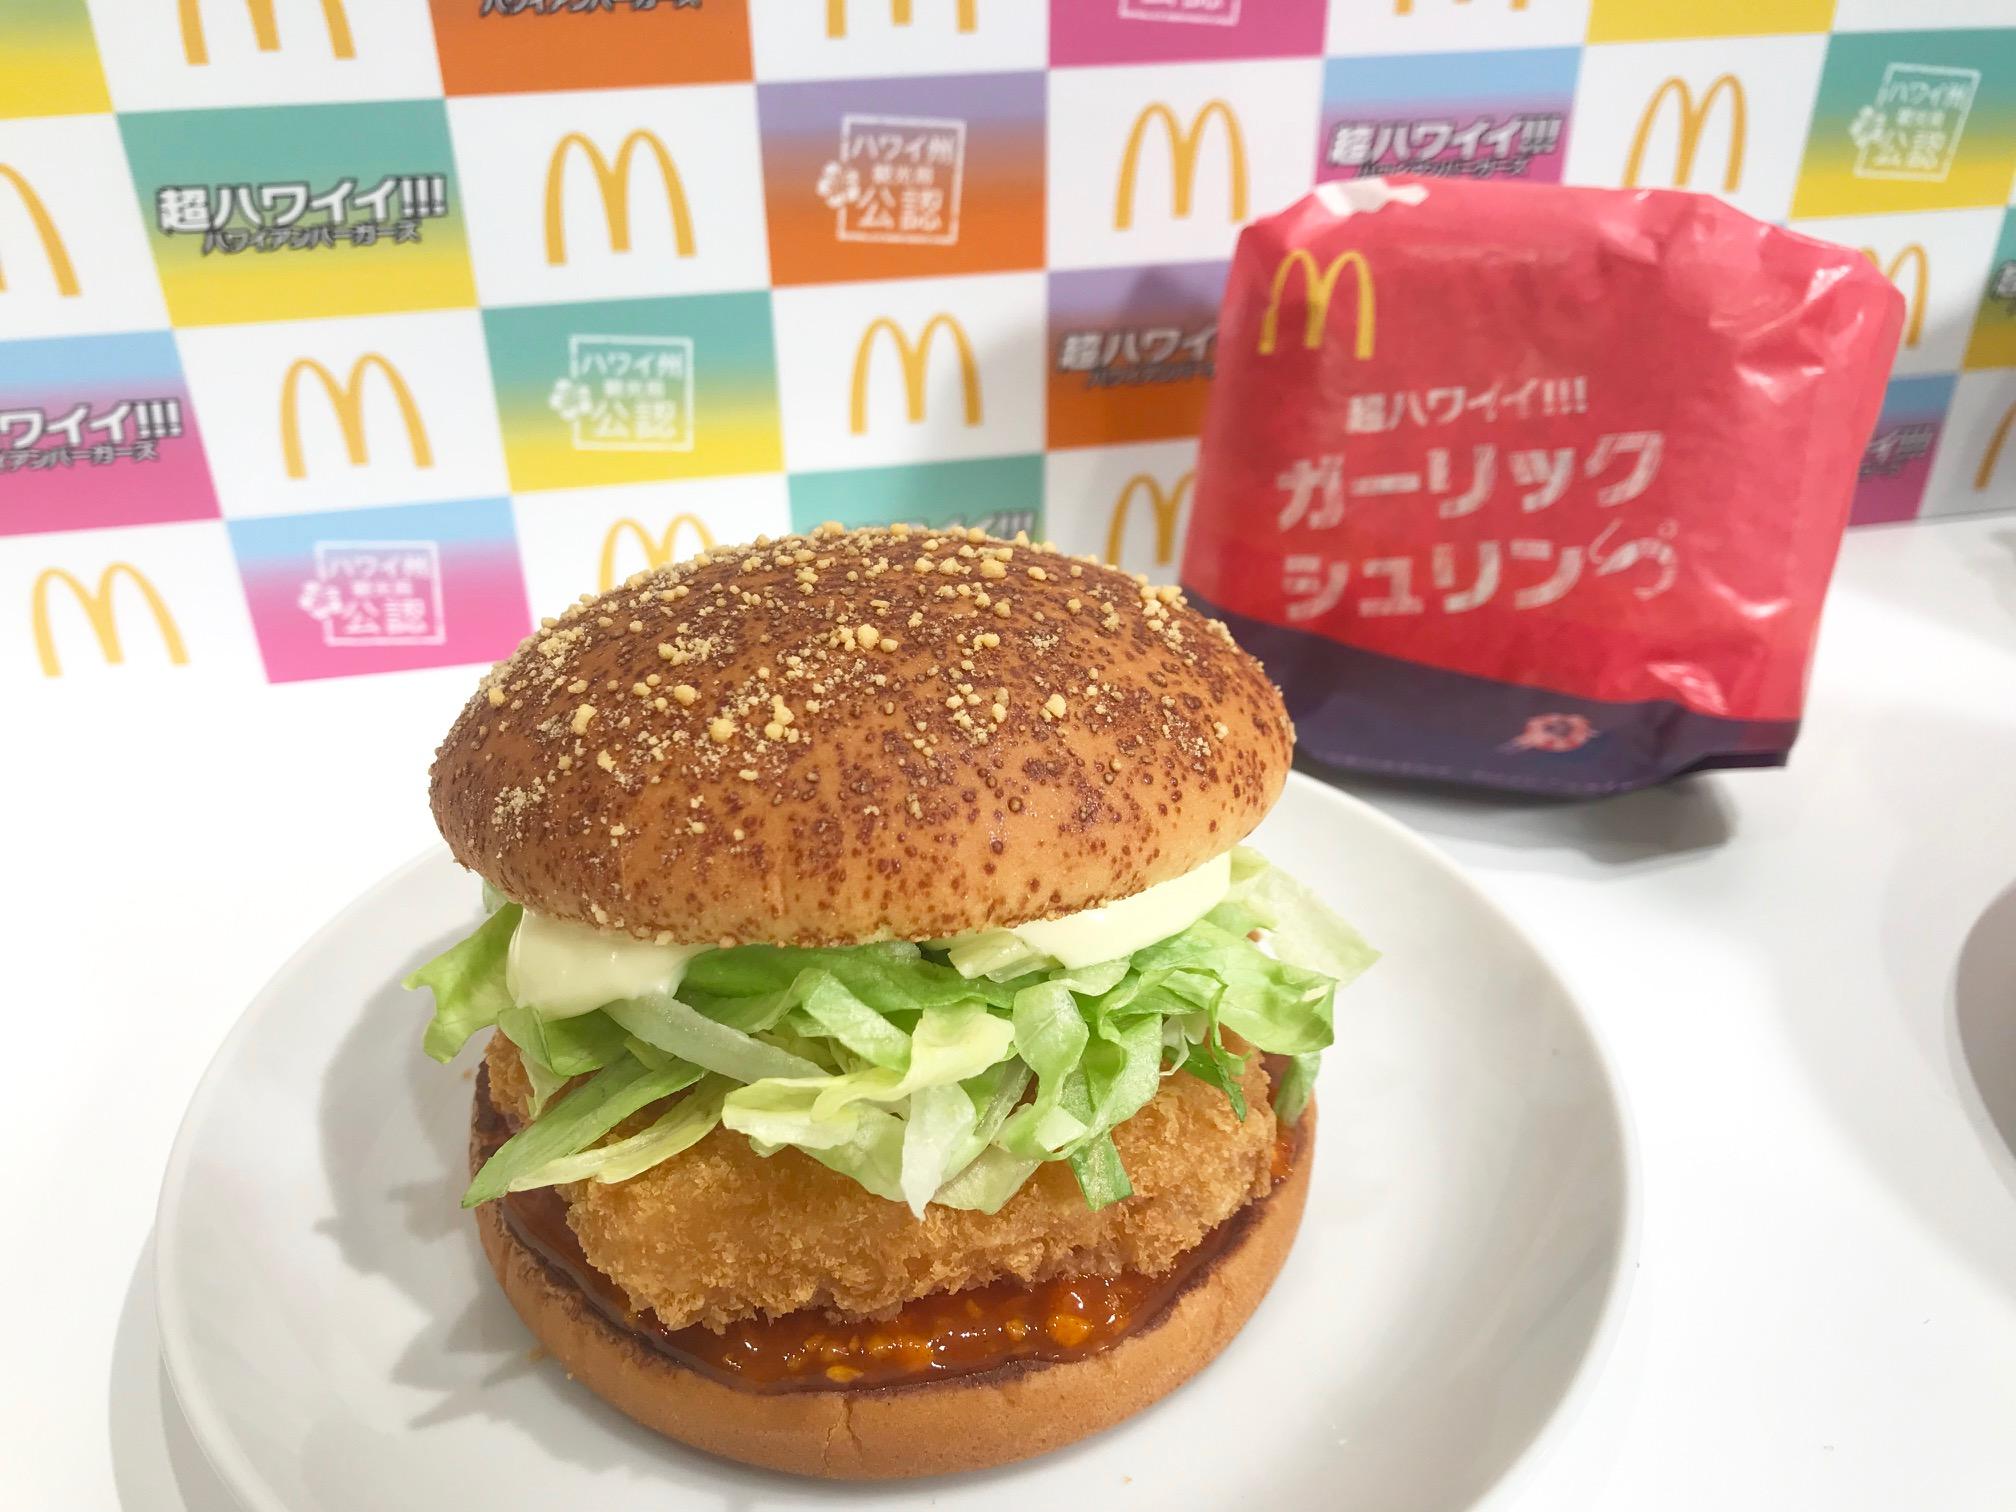 『マクドナルド』でハワイ!? 「ハワイアンバーガーズ」限定発売!日本航空の「ハワイ島コナ往復航空券」が当たるチャンスも_4